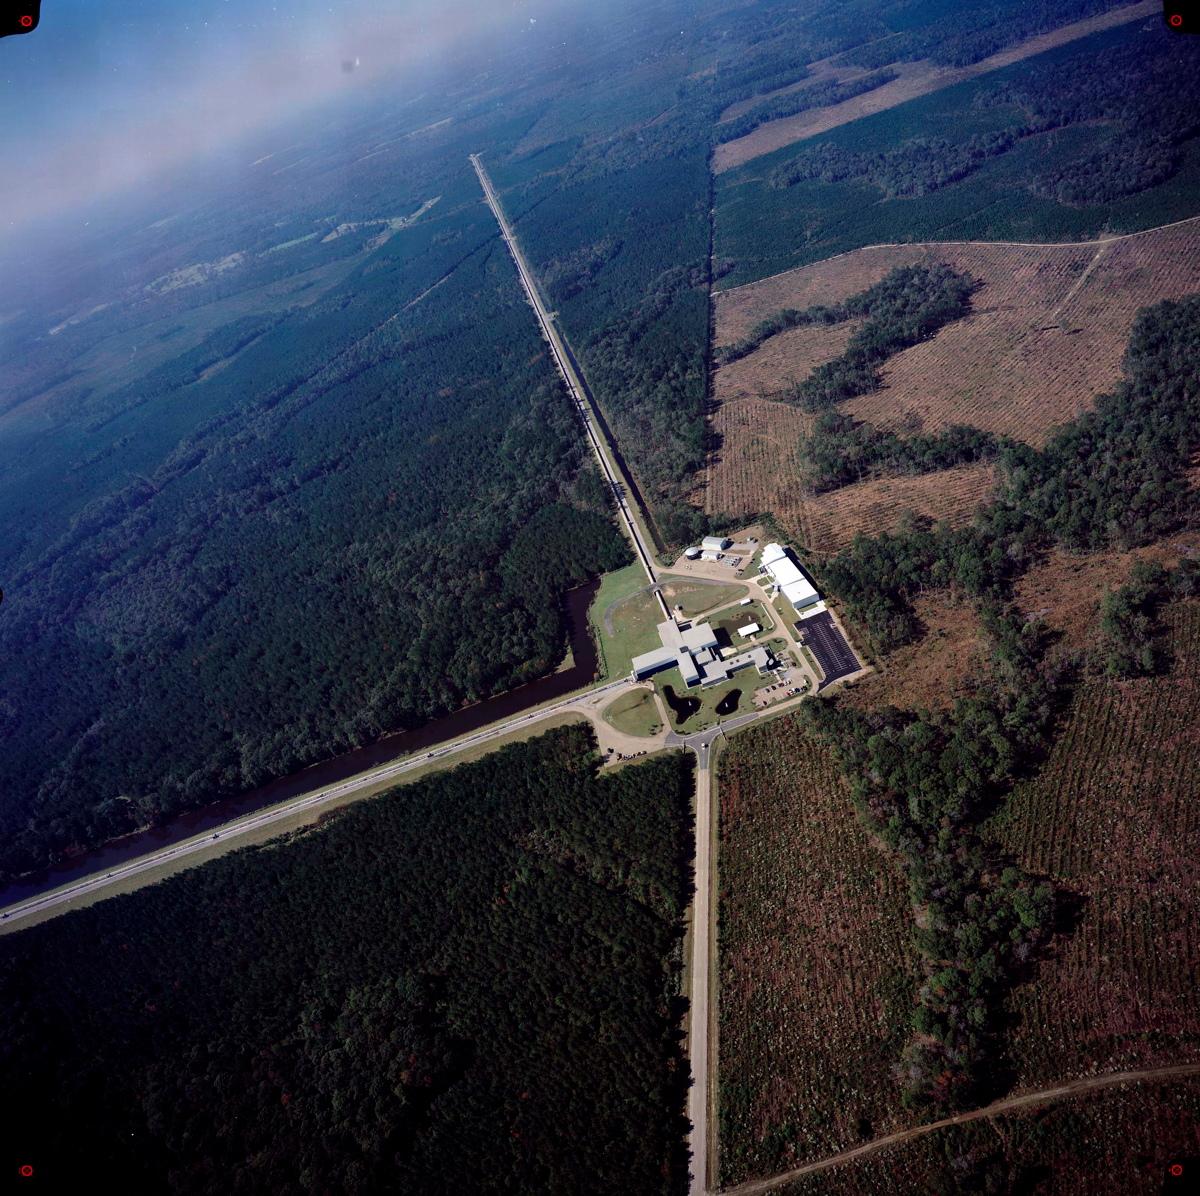 Caça ondas gravitacionais: O projeto Interferômetro Laser LIGO em Fotos